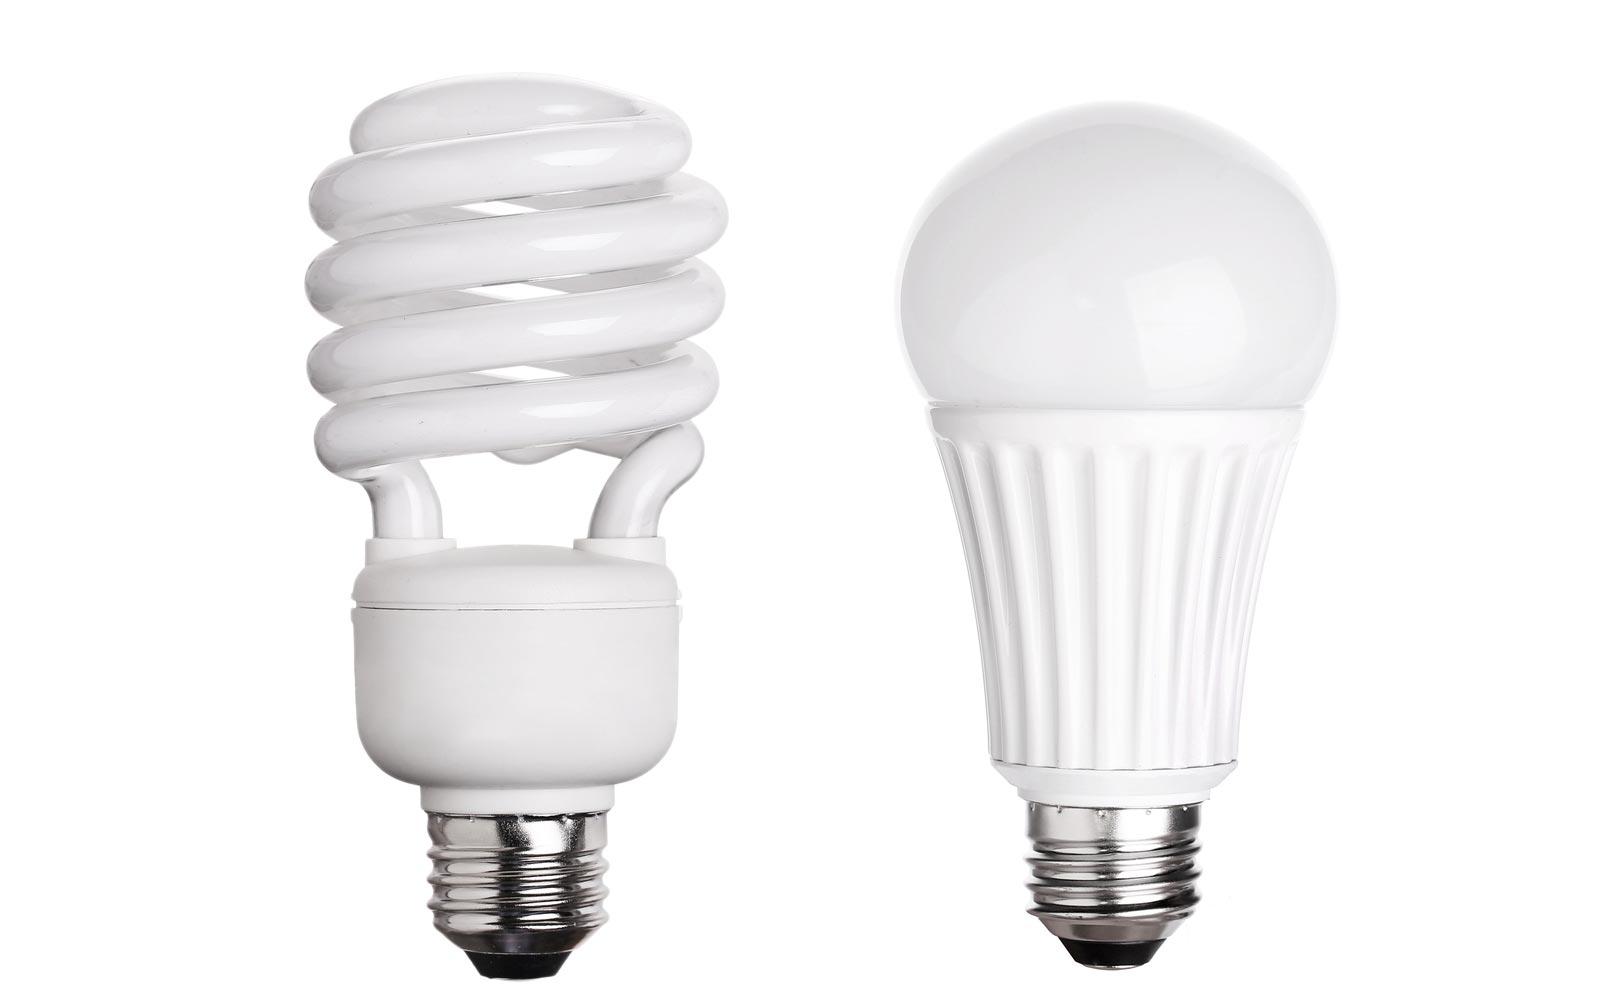 LED占据照明领域核心地位 调光方式未来发展趋势